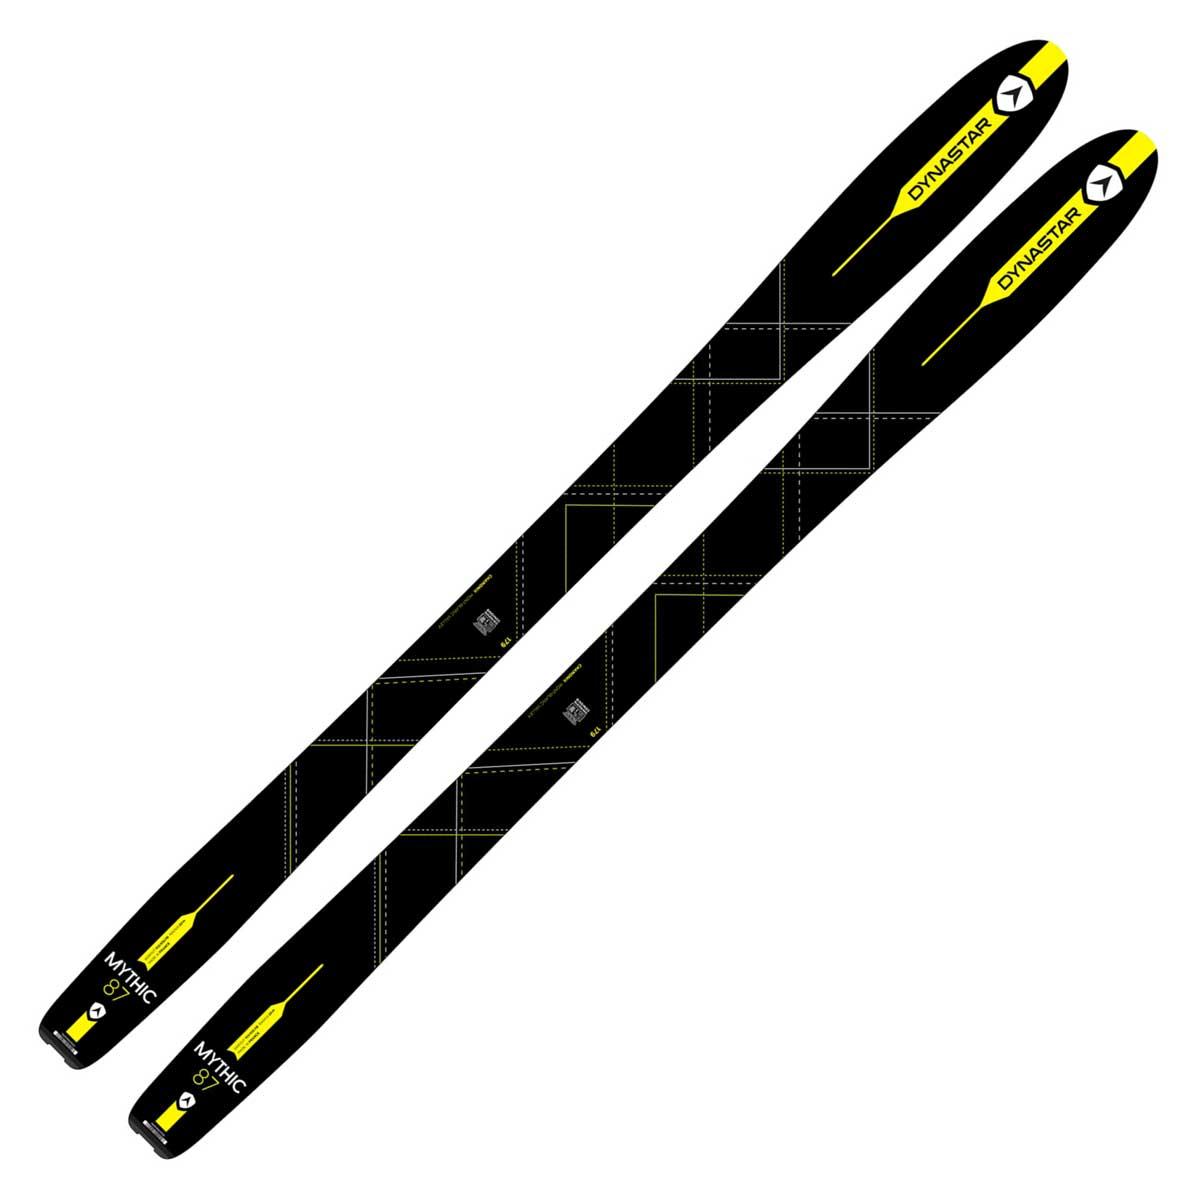 DYNASTAR(ディナスター) DAGK901/FCFA041 MYTHIC87 スキー板 金具付 オールマウンテン【SALE】